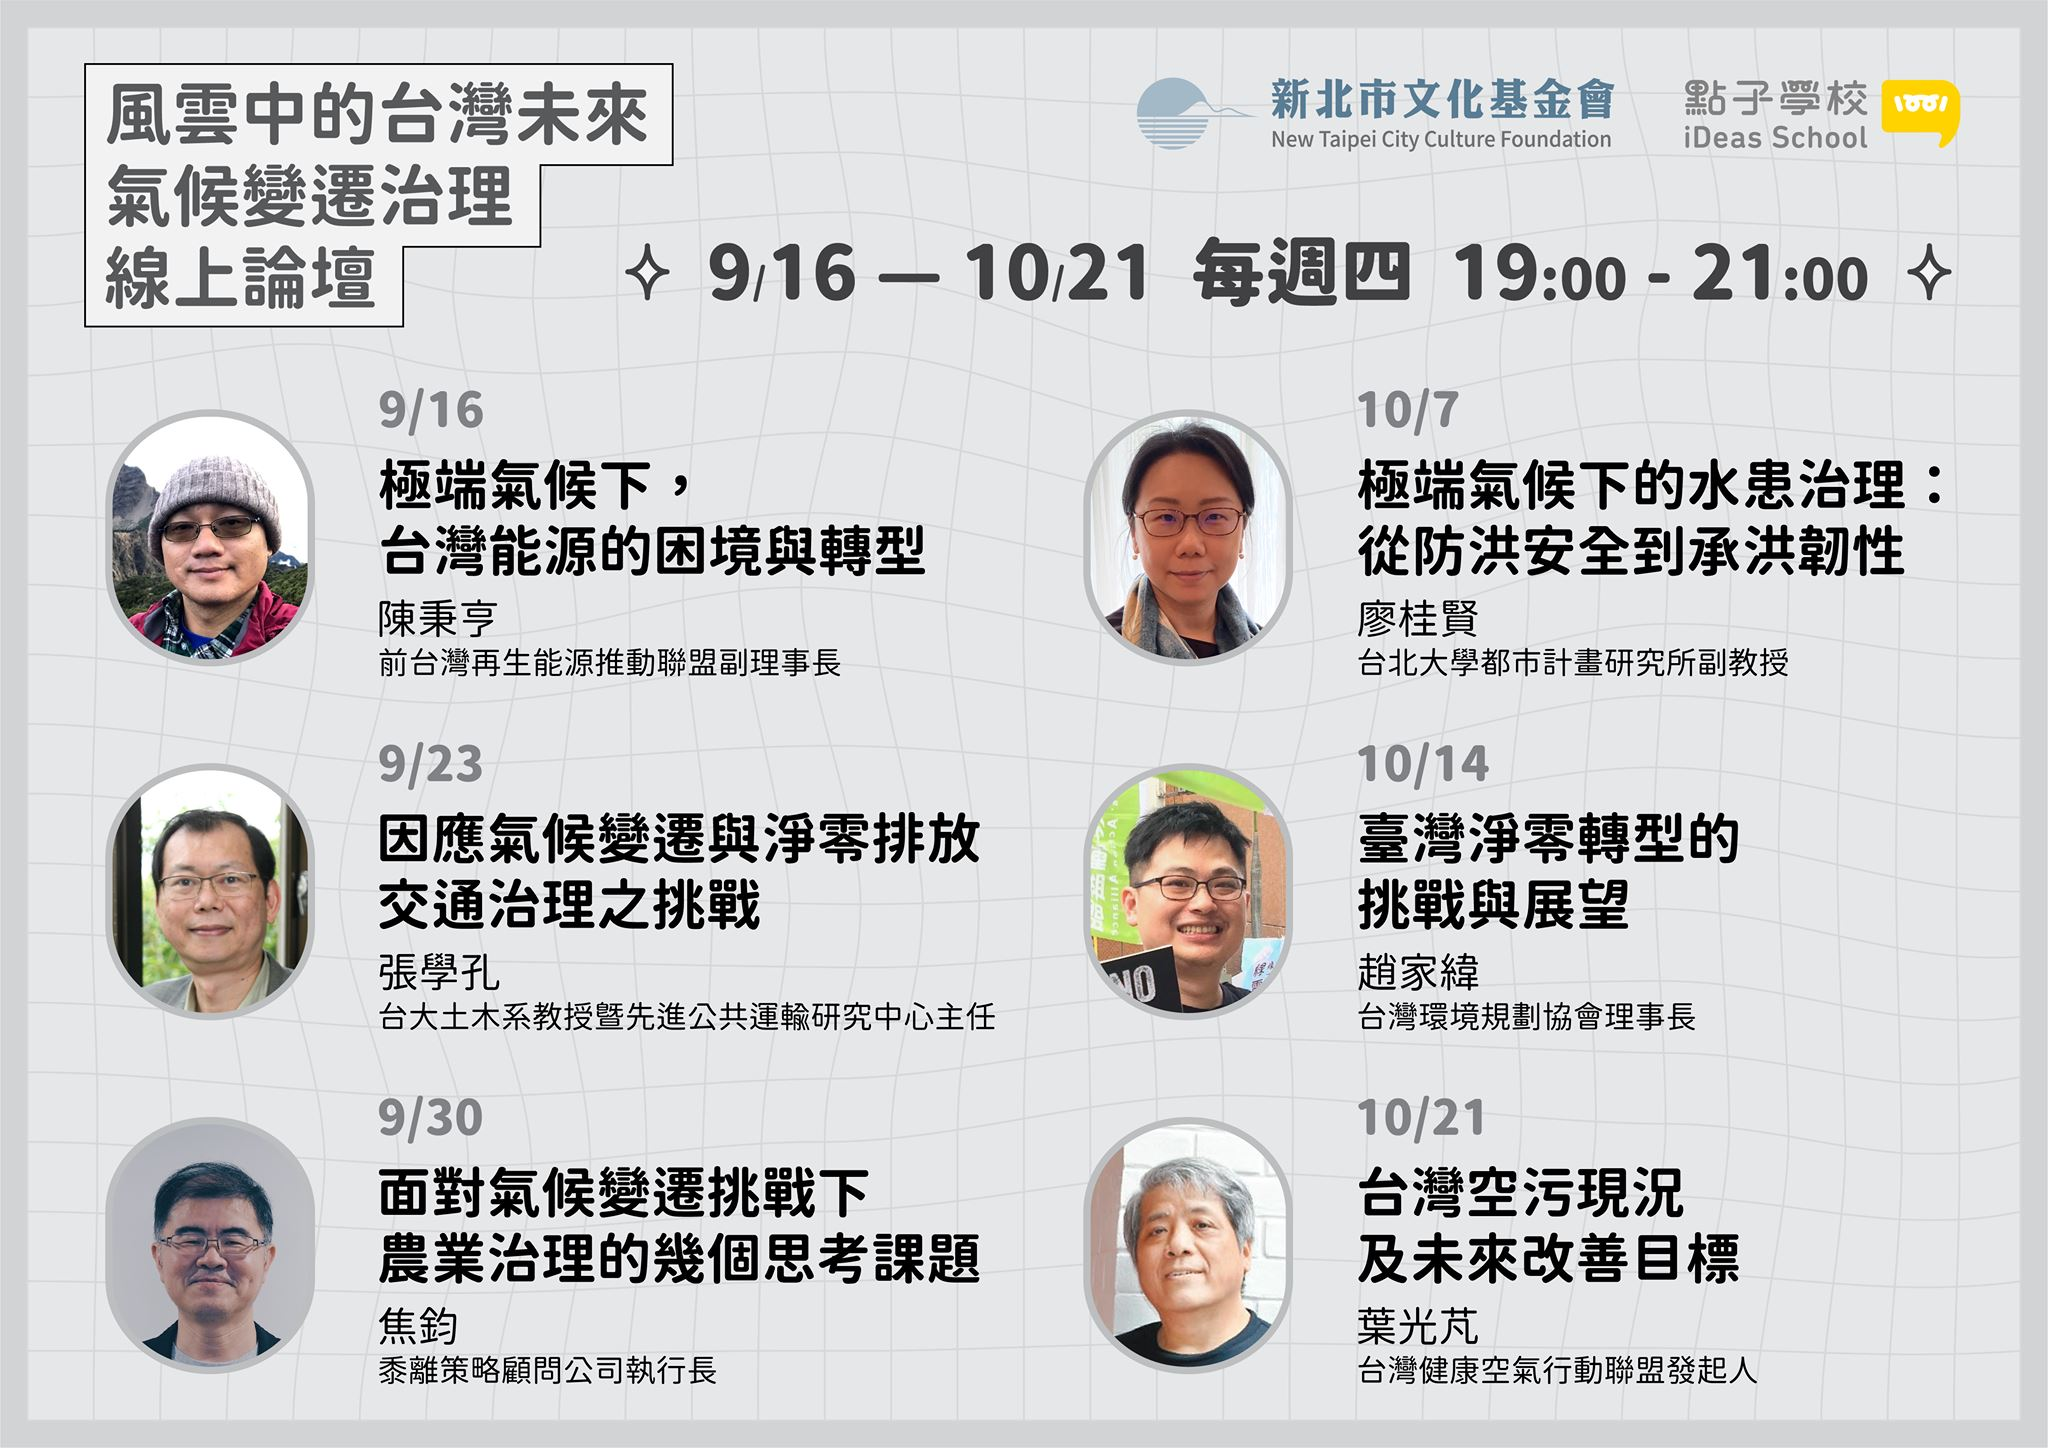 《社區大家庭 並肩向前行:2020龍潭村參與式預算實踐紀實手冊》出爐了!